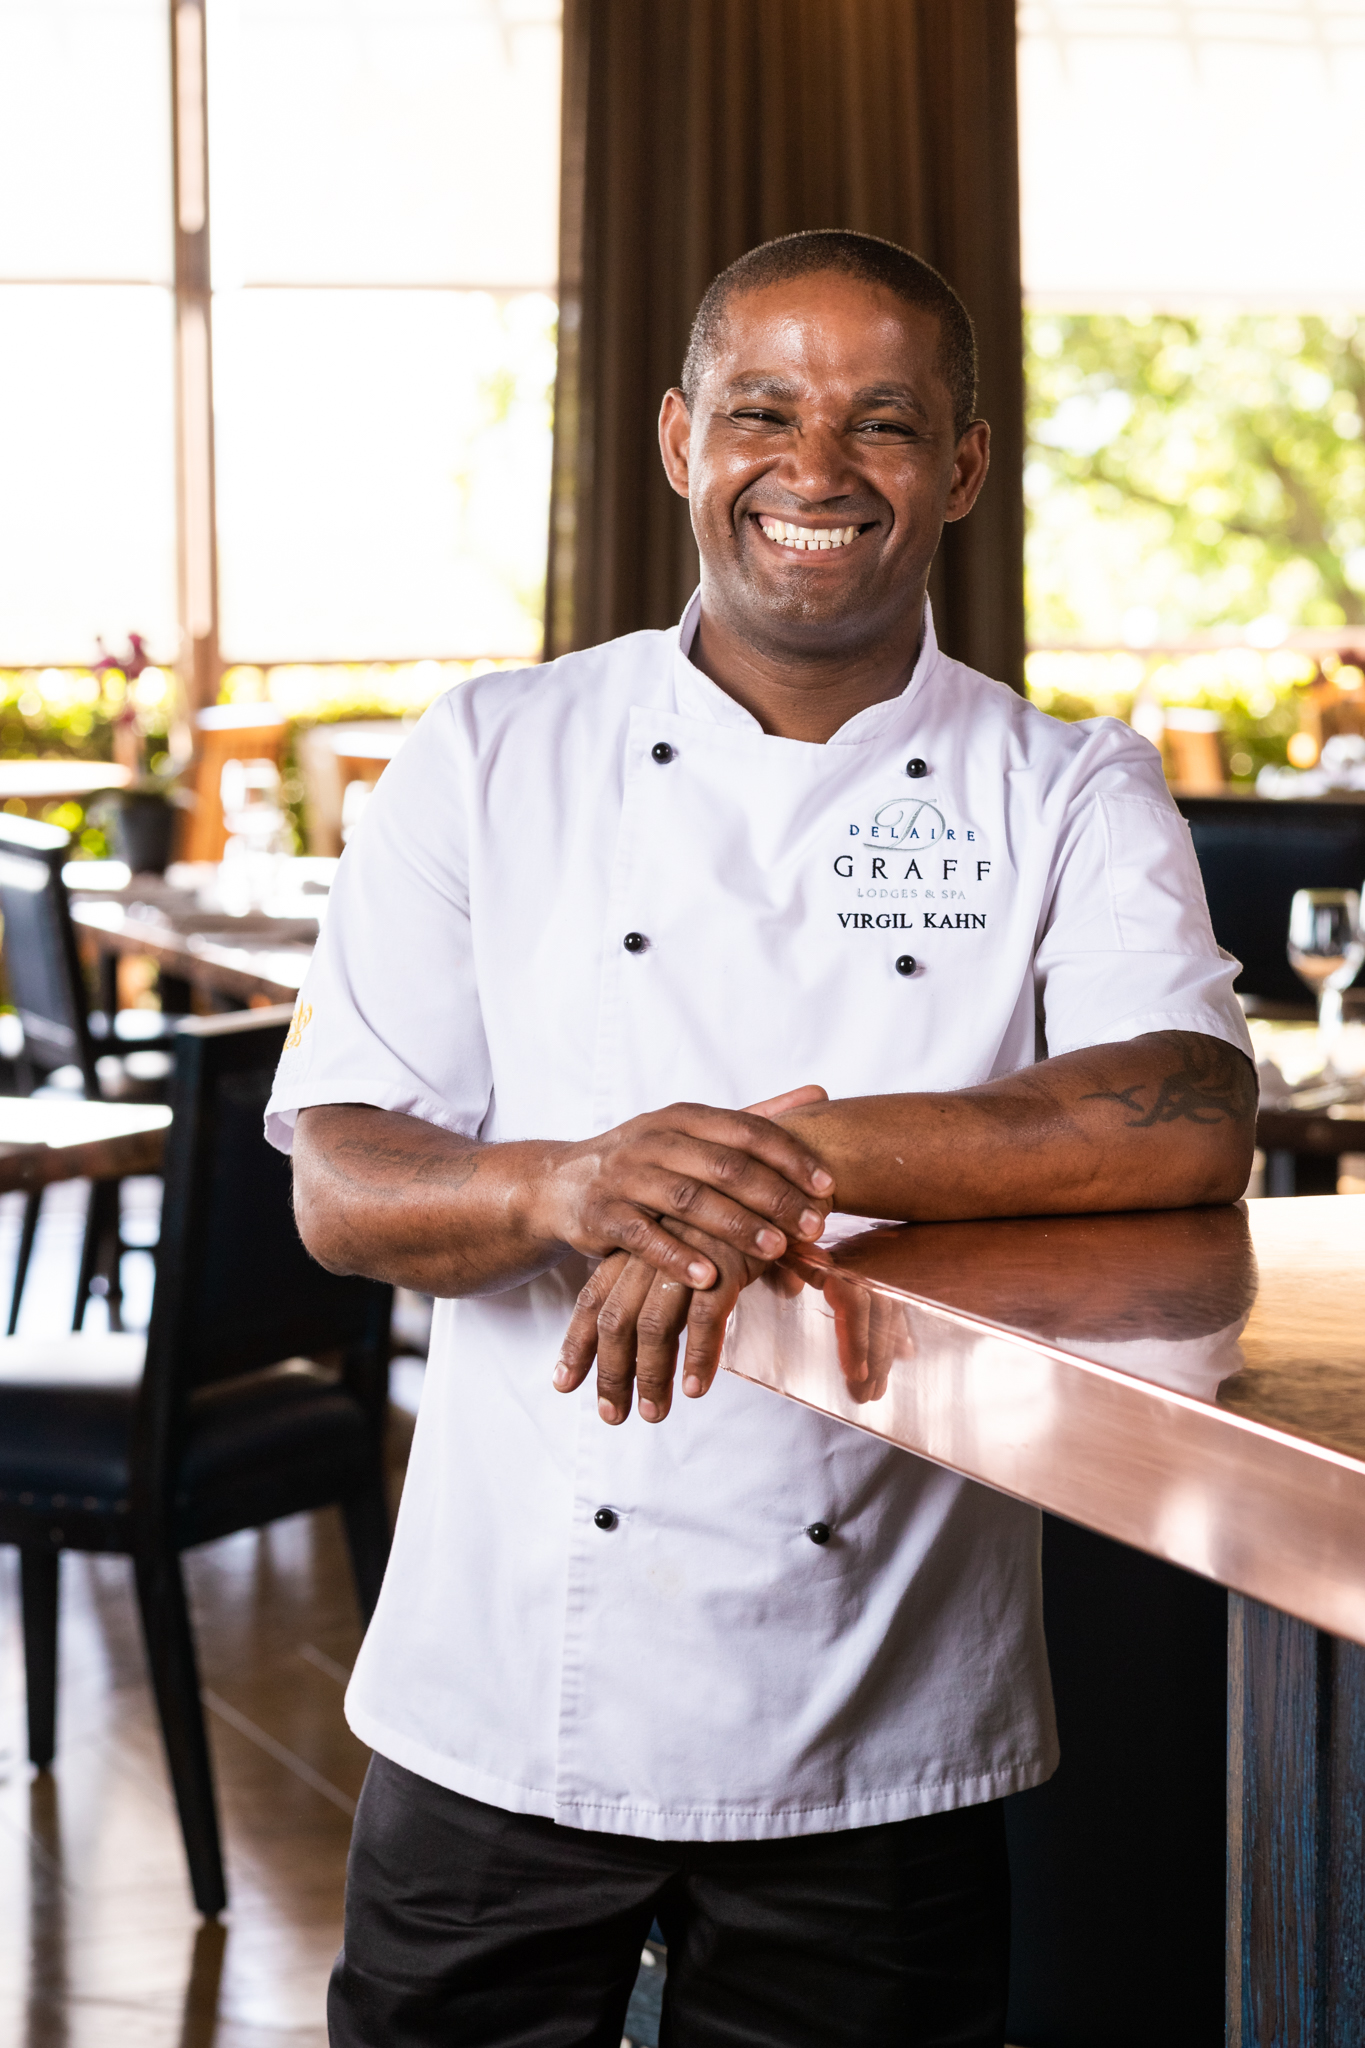 Chef Virgil Kahn 2048px 1DX_1000.jpg